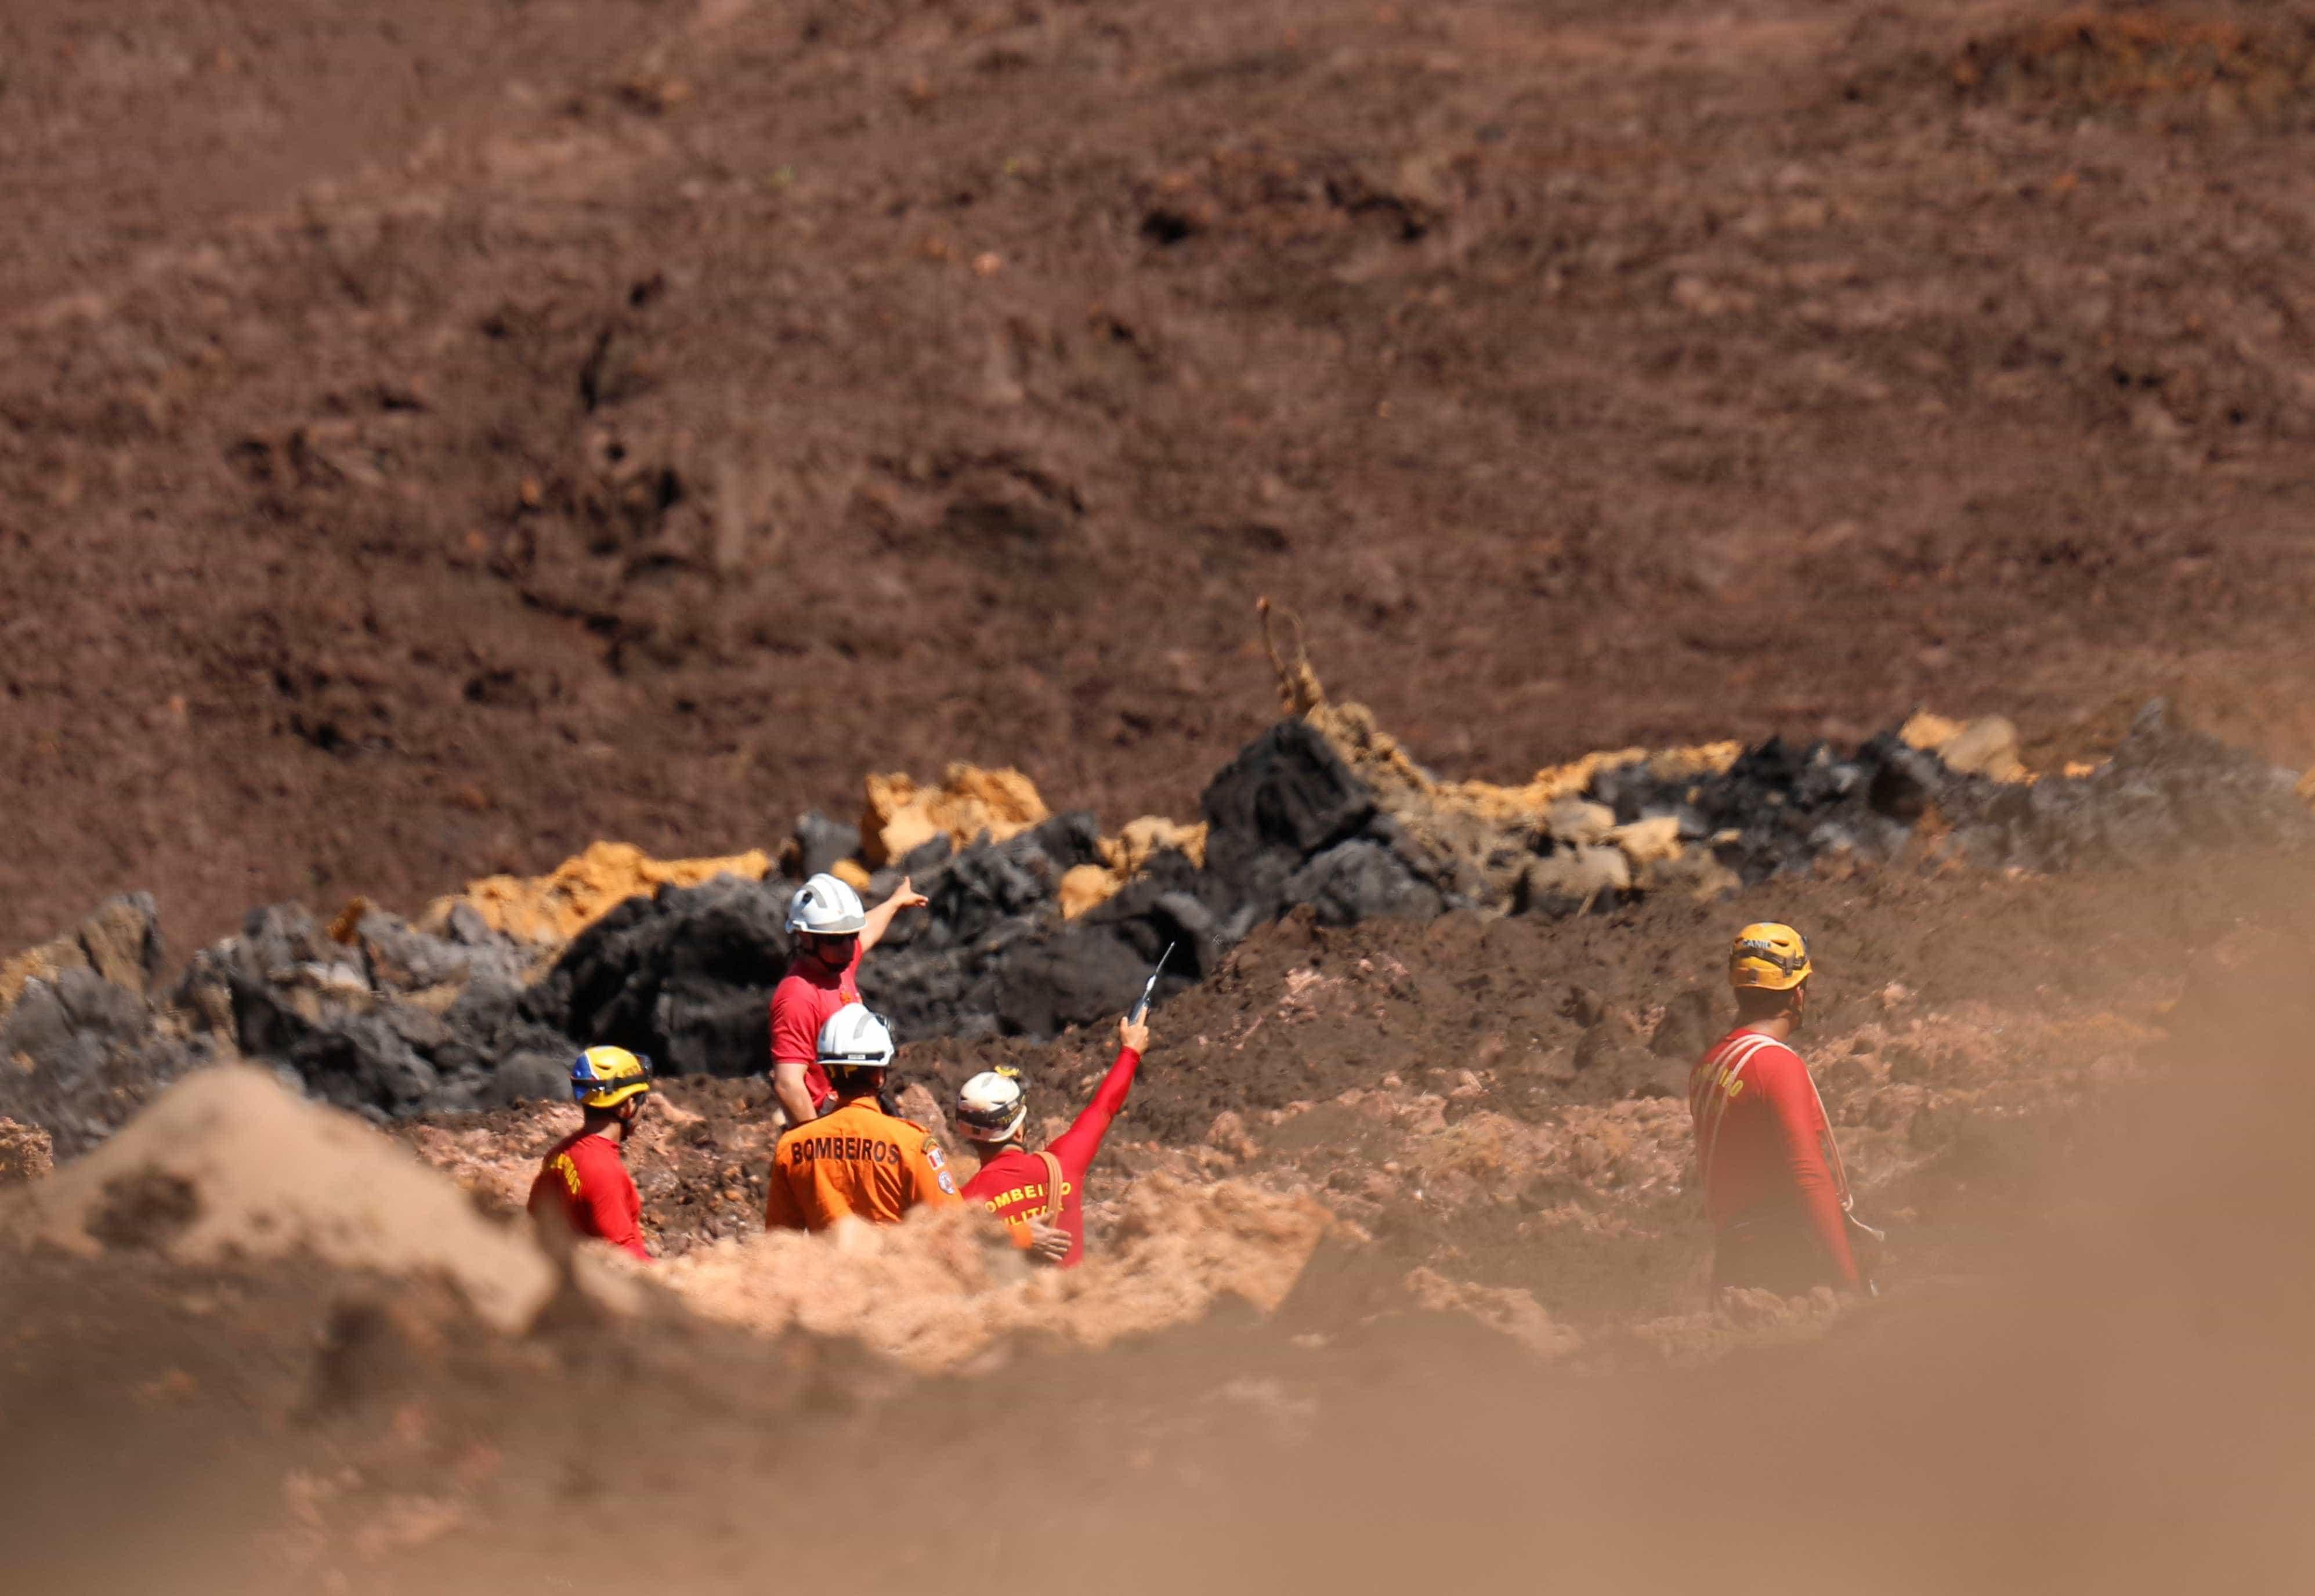 Mortos pela barragem de Brumadinho chegam a 142; há 194 desaparecidos